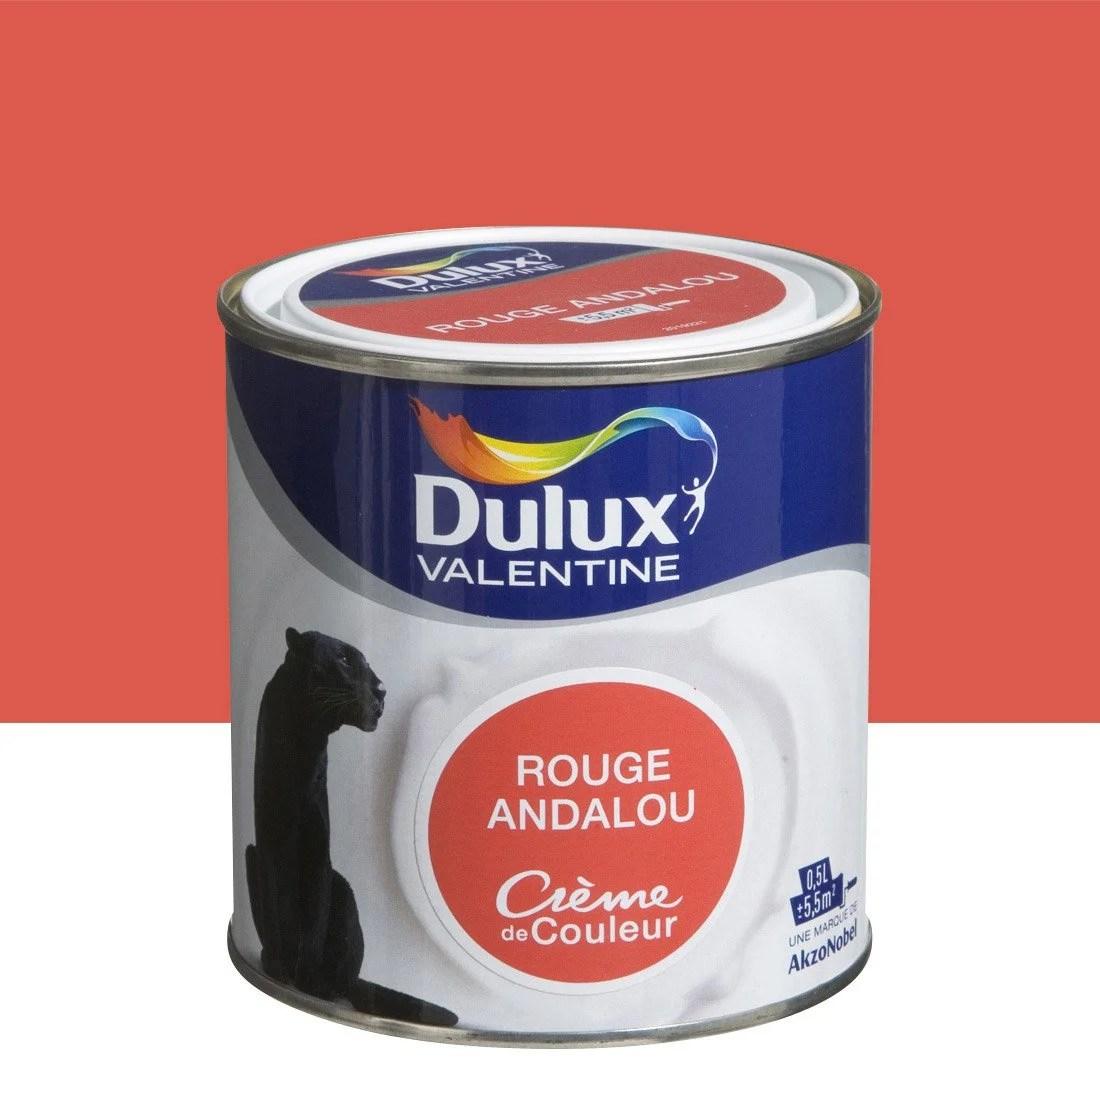 Peinture Rouge Andalou Satin DULUX VALENTINE Crme De